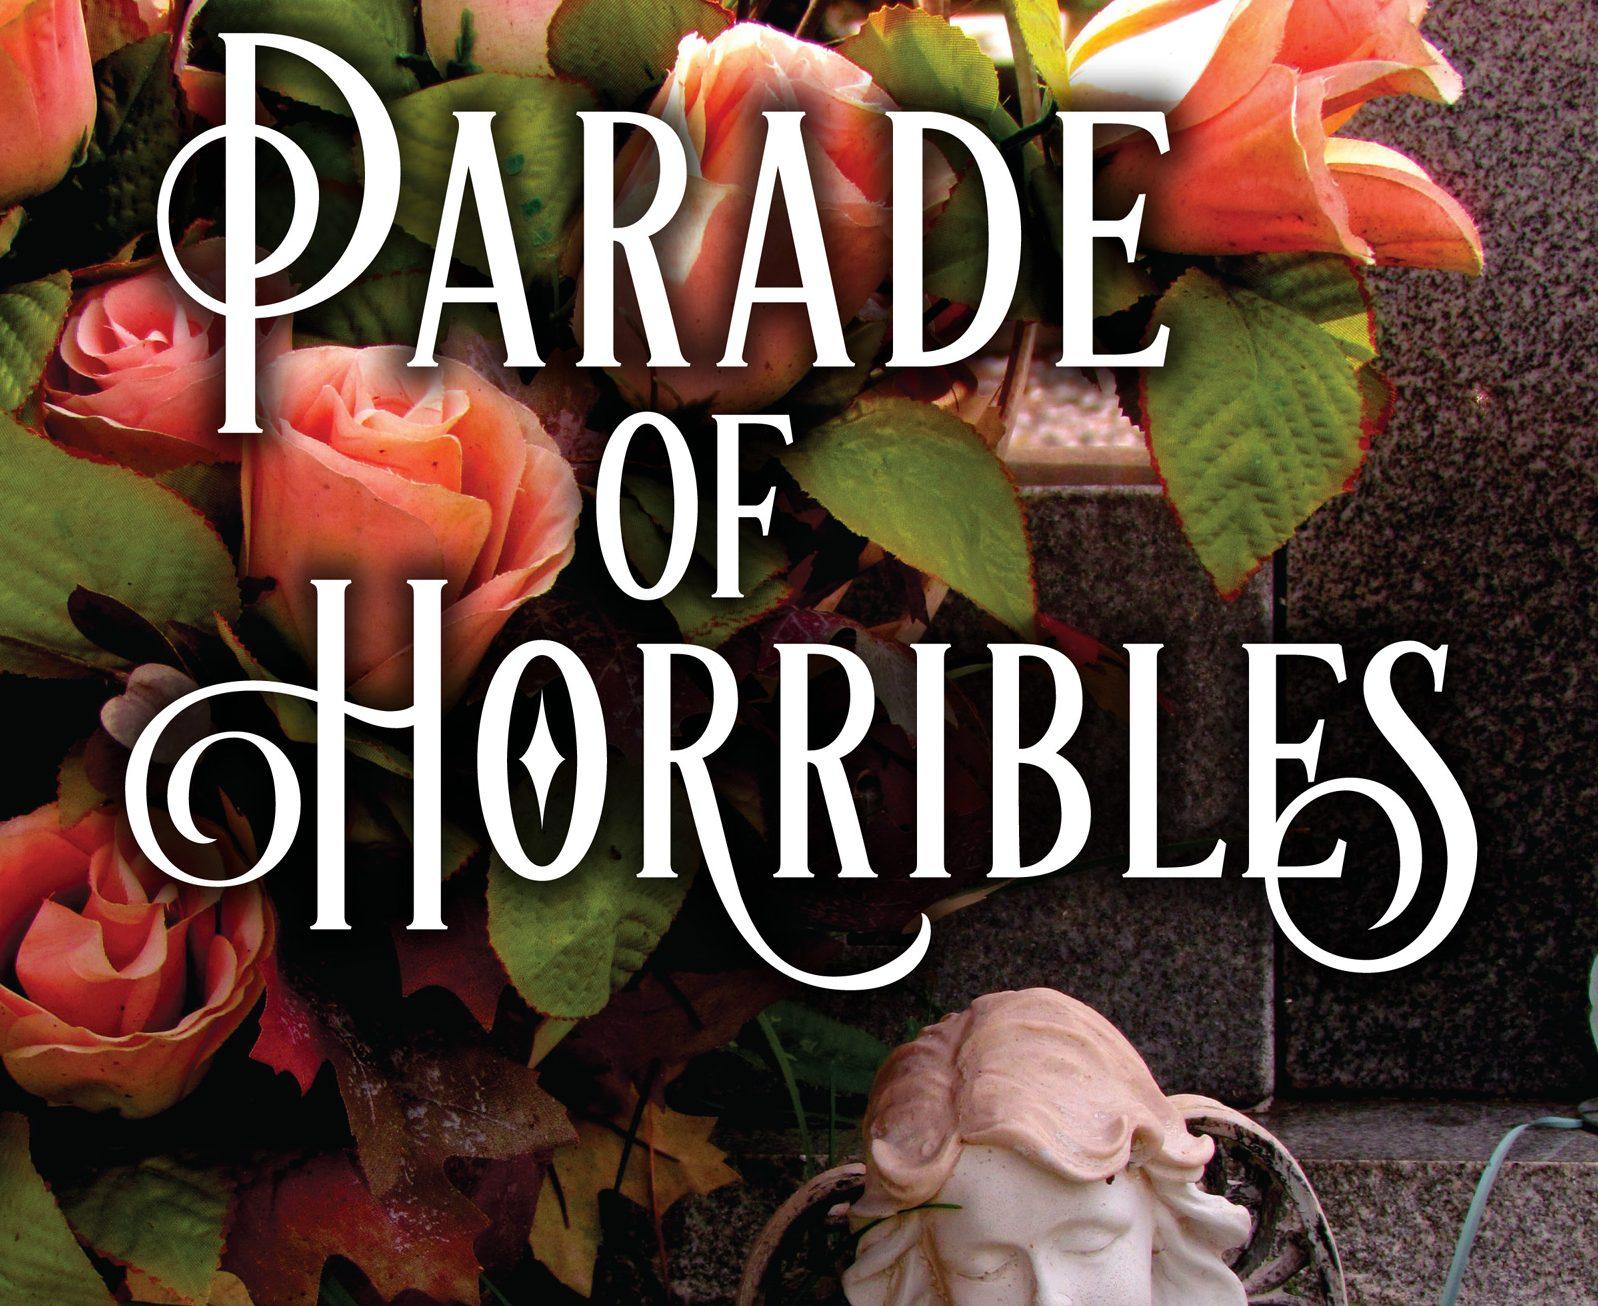 Book signing for Rhett DeVane's novel Parade of Horribles